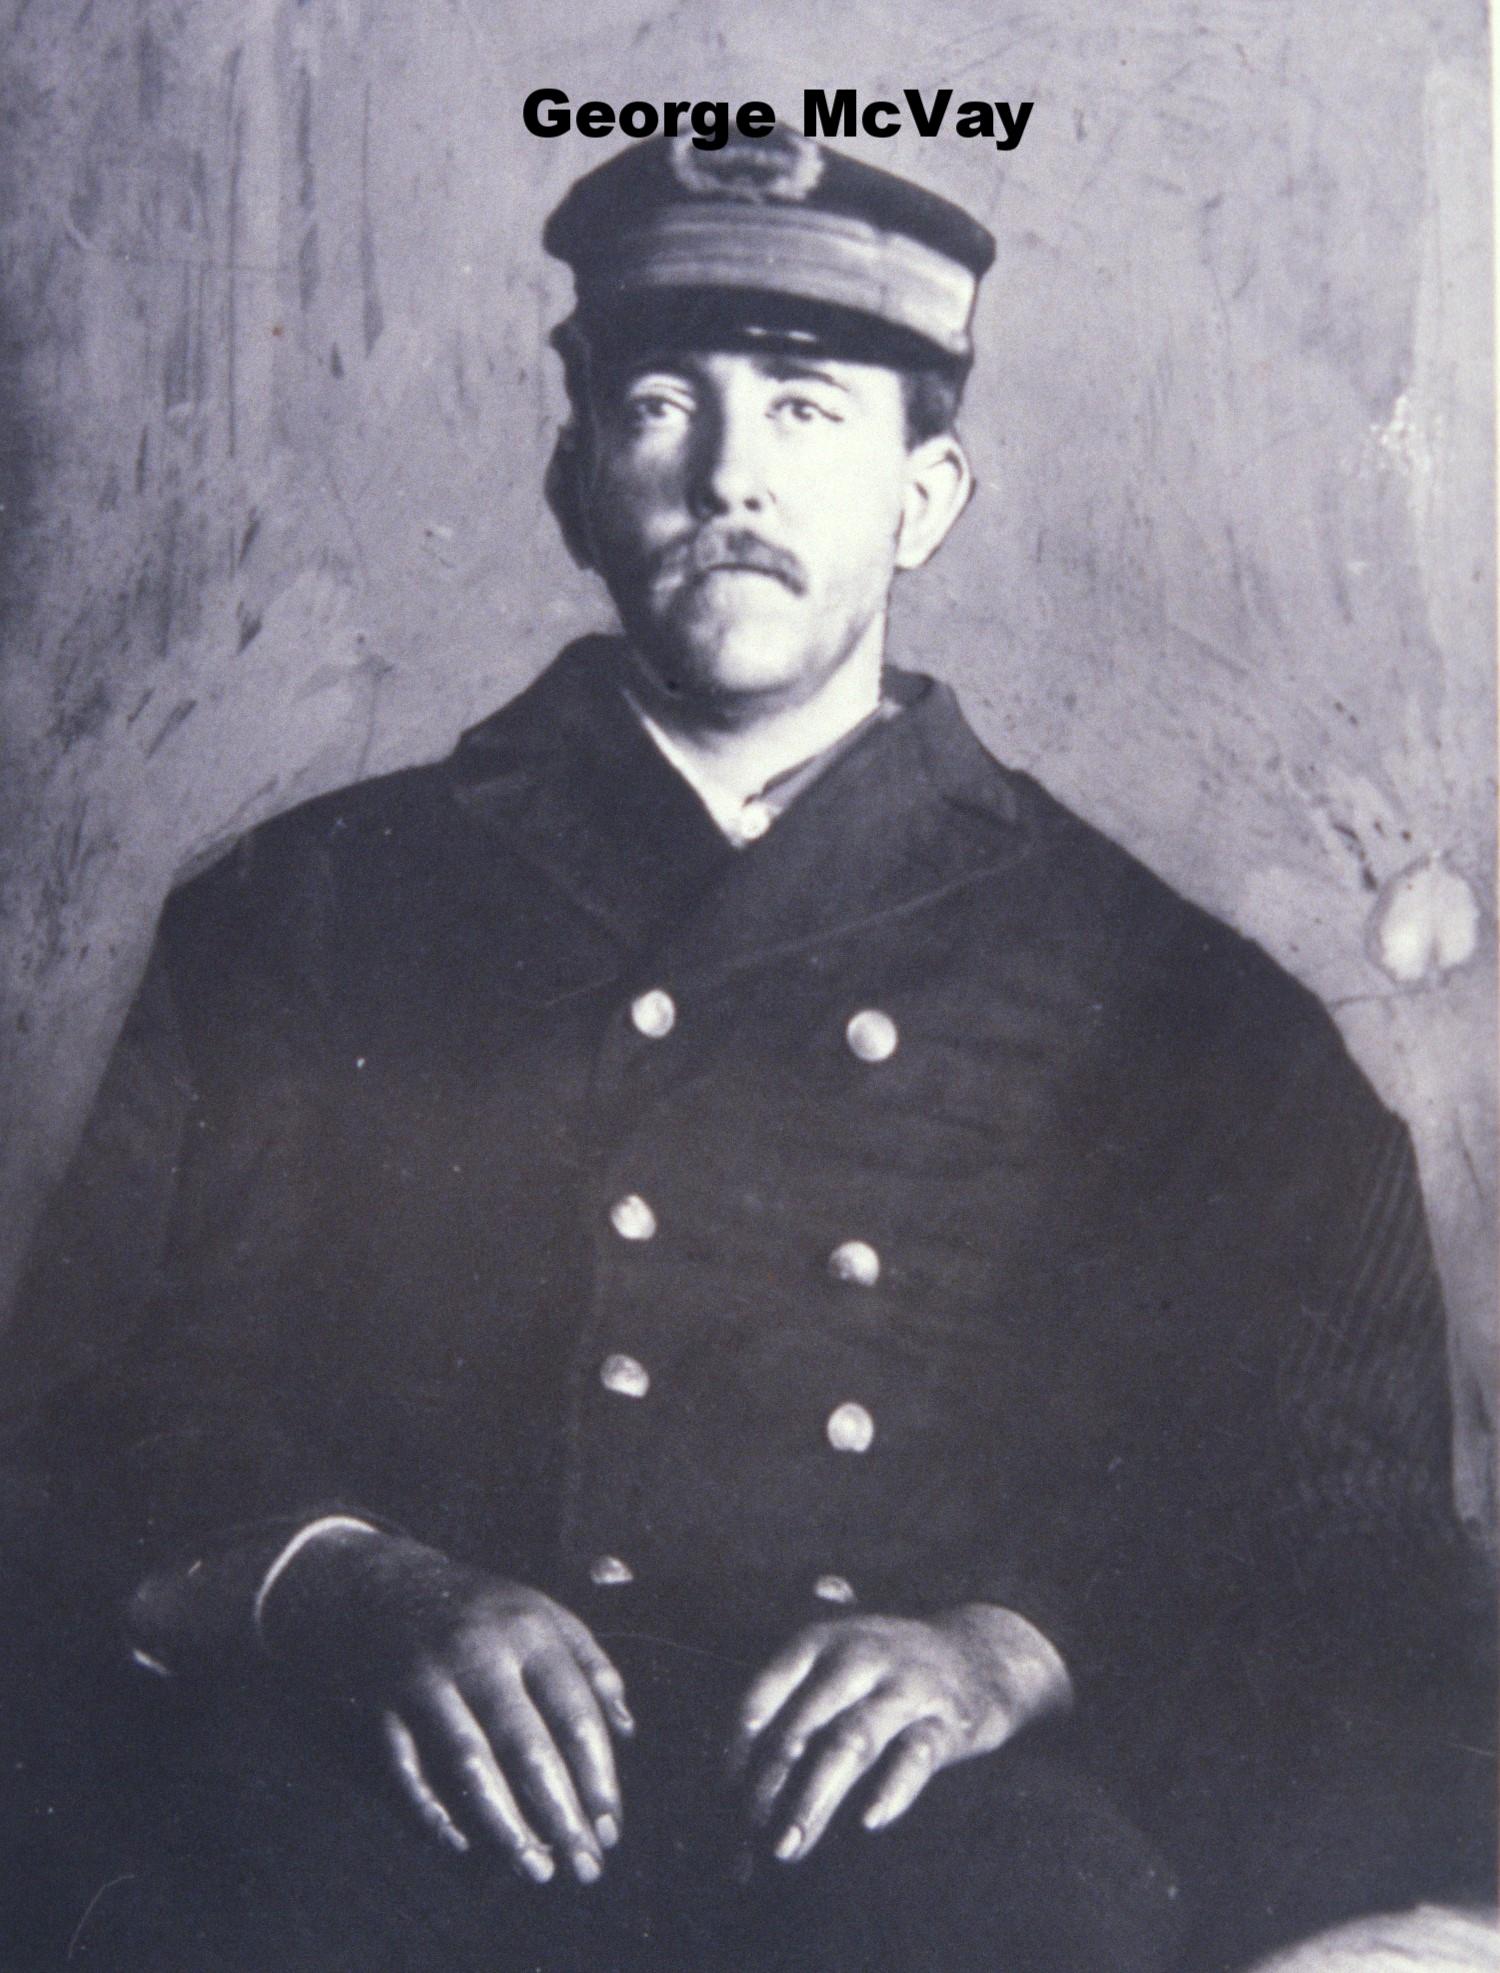 George McVay